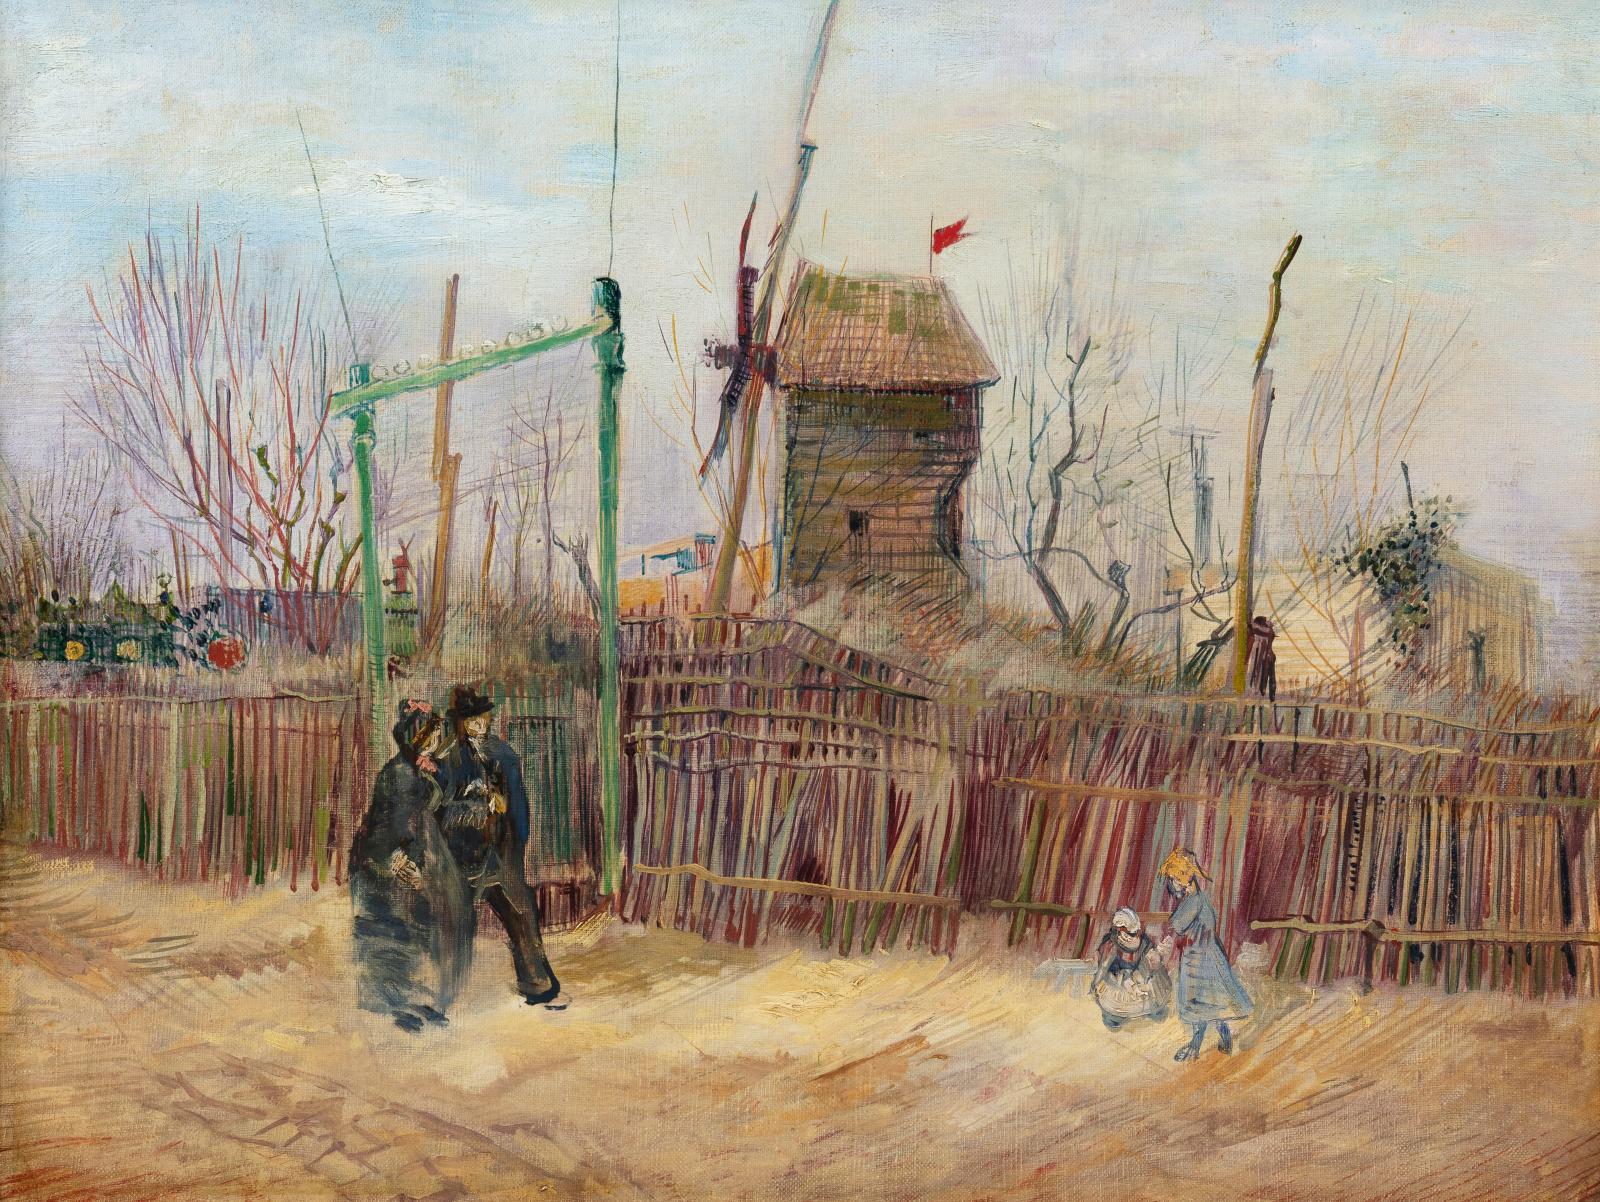 Vincent Van Gogh (1853-1890), Scène de rue à Montmartre (Impasse des Deux Frères et le moulin à Poivre), 1887, oil on canvas, 46.1 x 61.3 cm (18.14 x 24.16 in). Estimate: €5,000,000/8,000,000